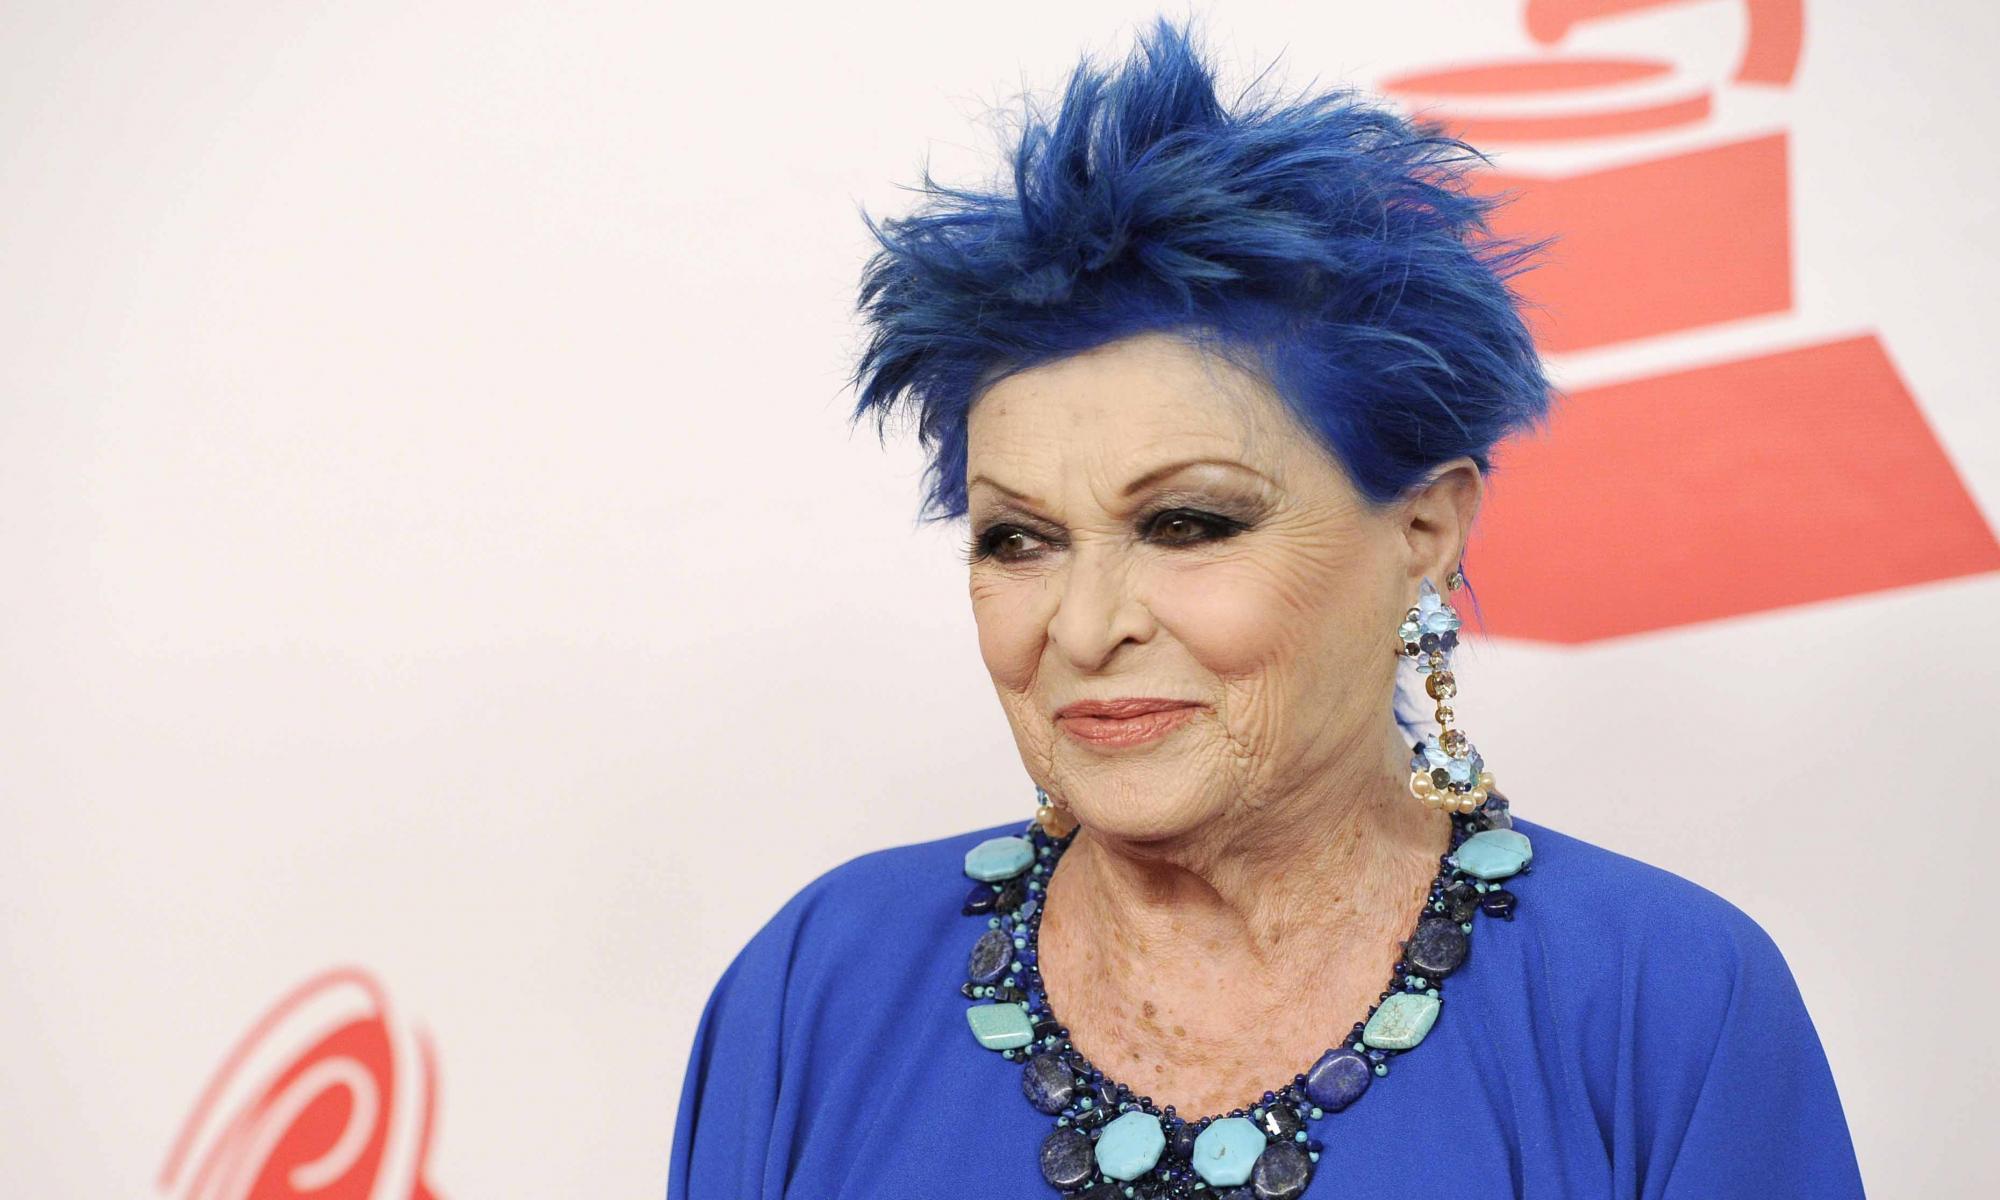 El motivo por el que Lucía Bosé tenía el pelo azul